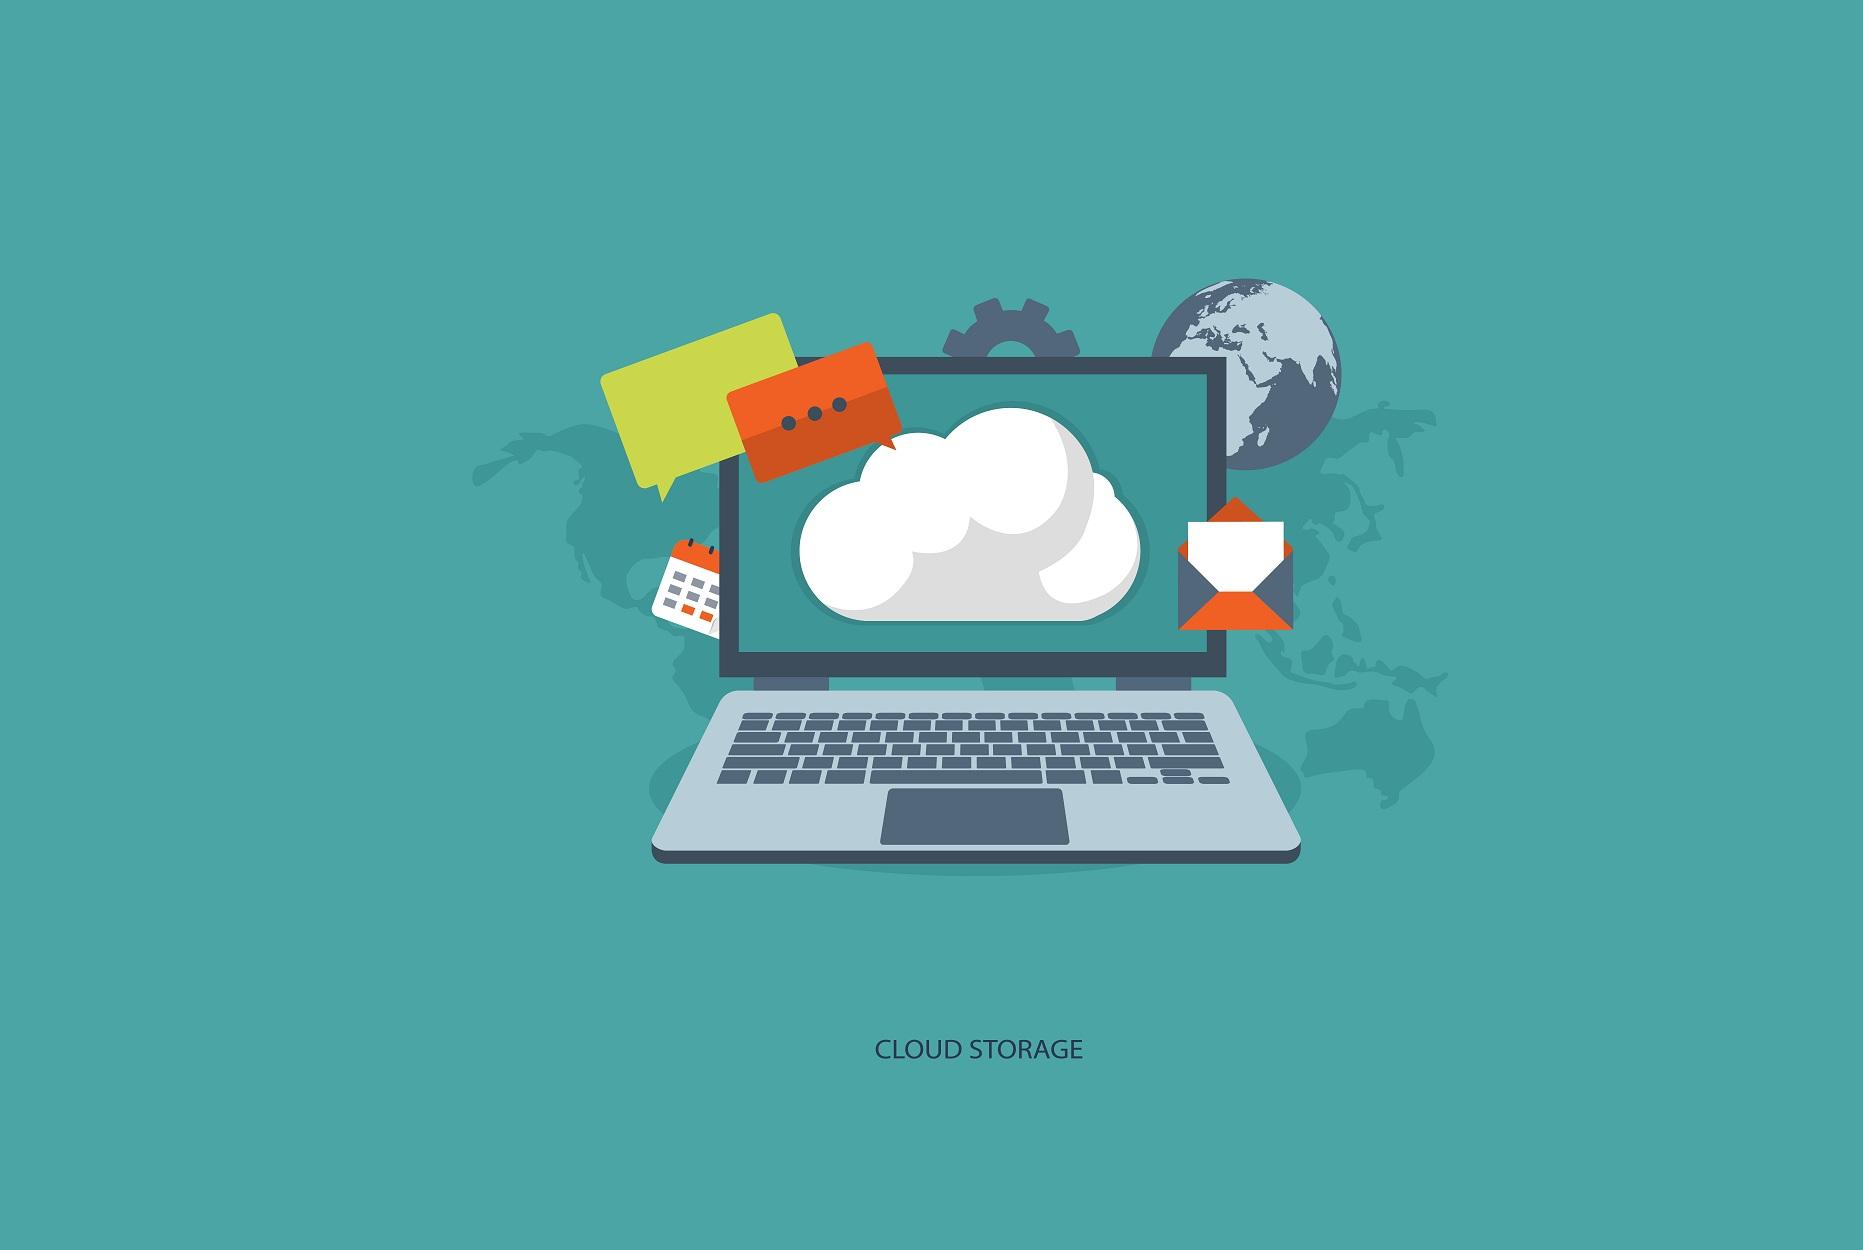 مدیریت استراتژیک در شرکت های خدمات مسافرتی و جهانگردی